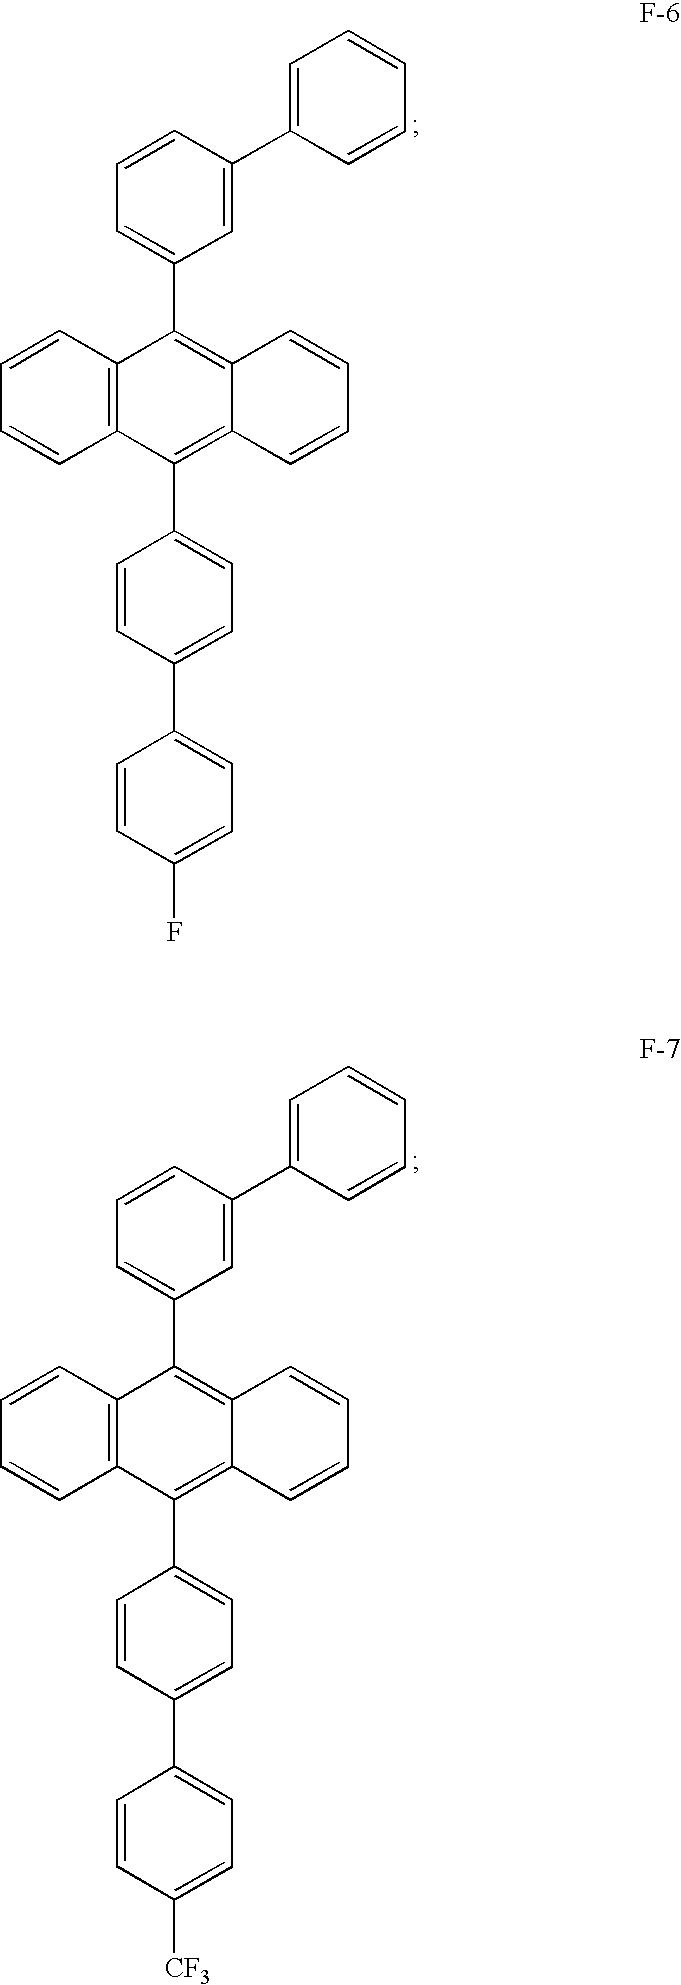 Figure US20090115316A1-20090507-C00015